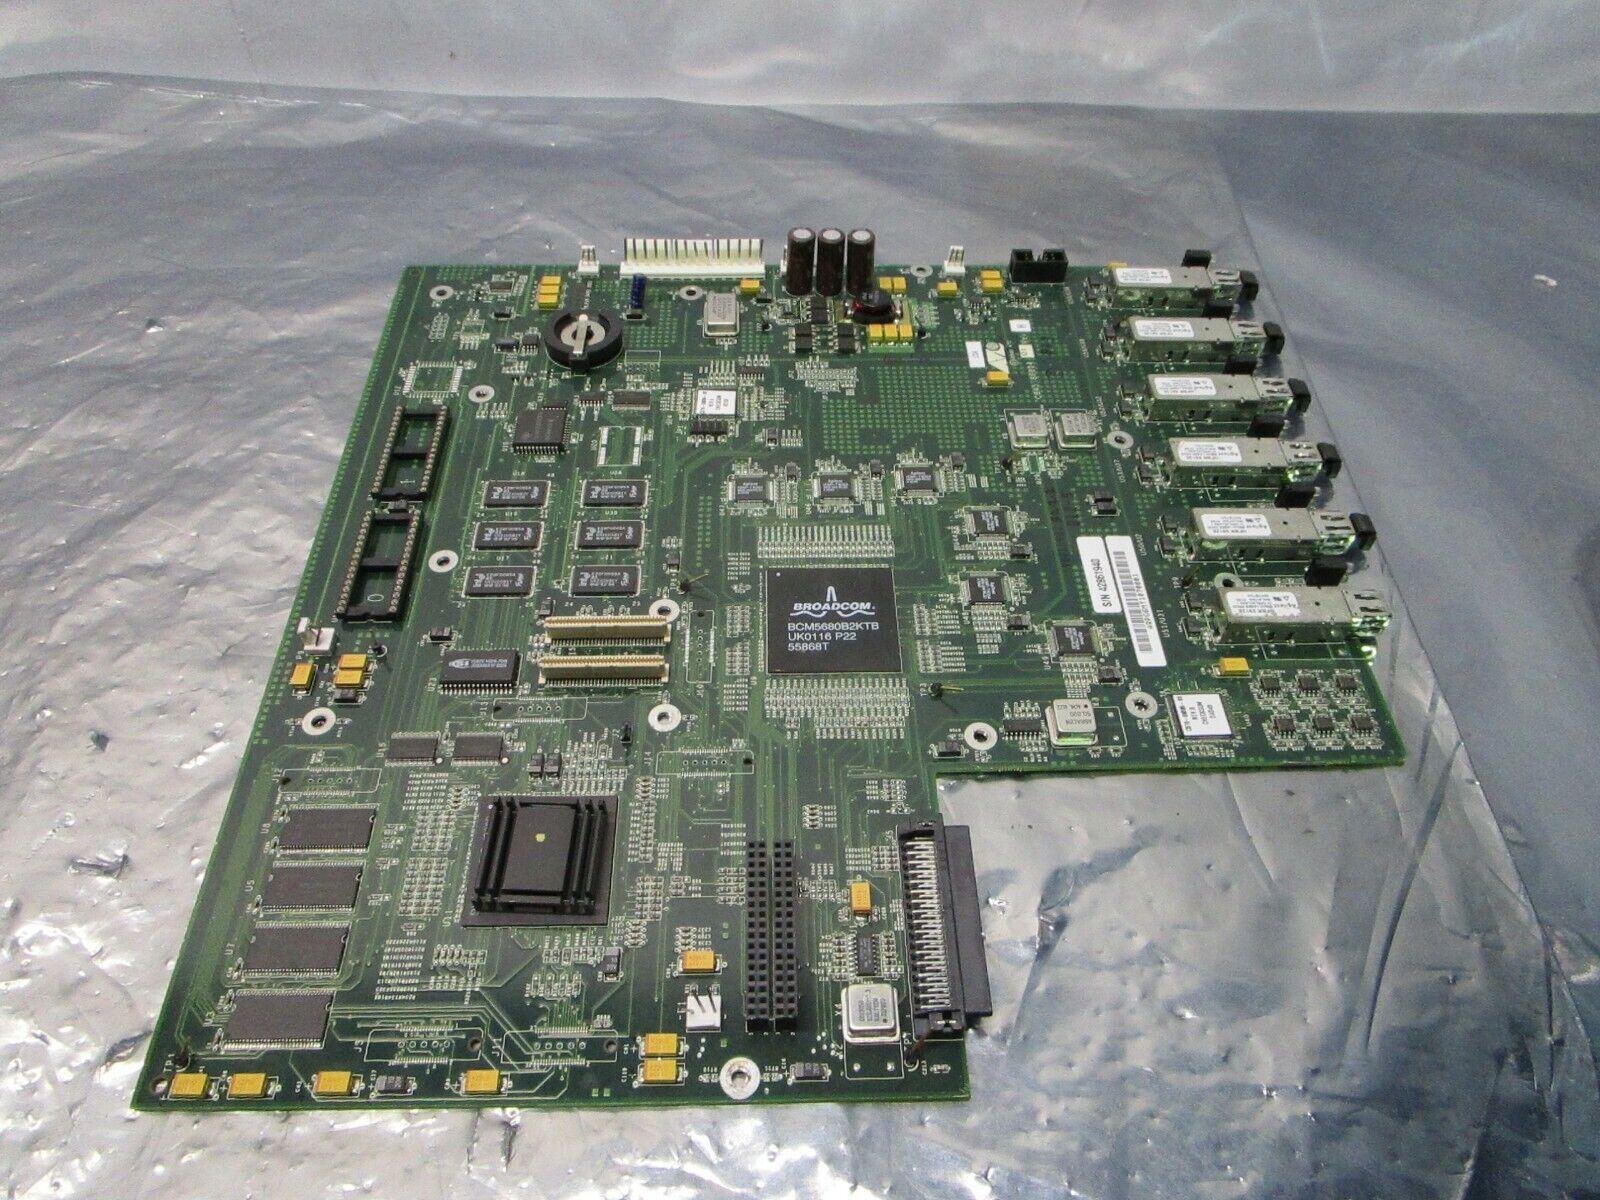 ATI C845-86804-01 Board, PCB, C845-86803, ARPG6MT 1070001, 101276